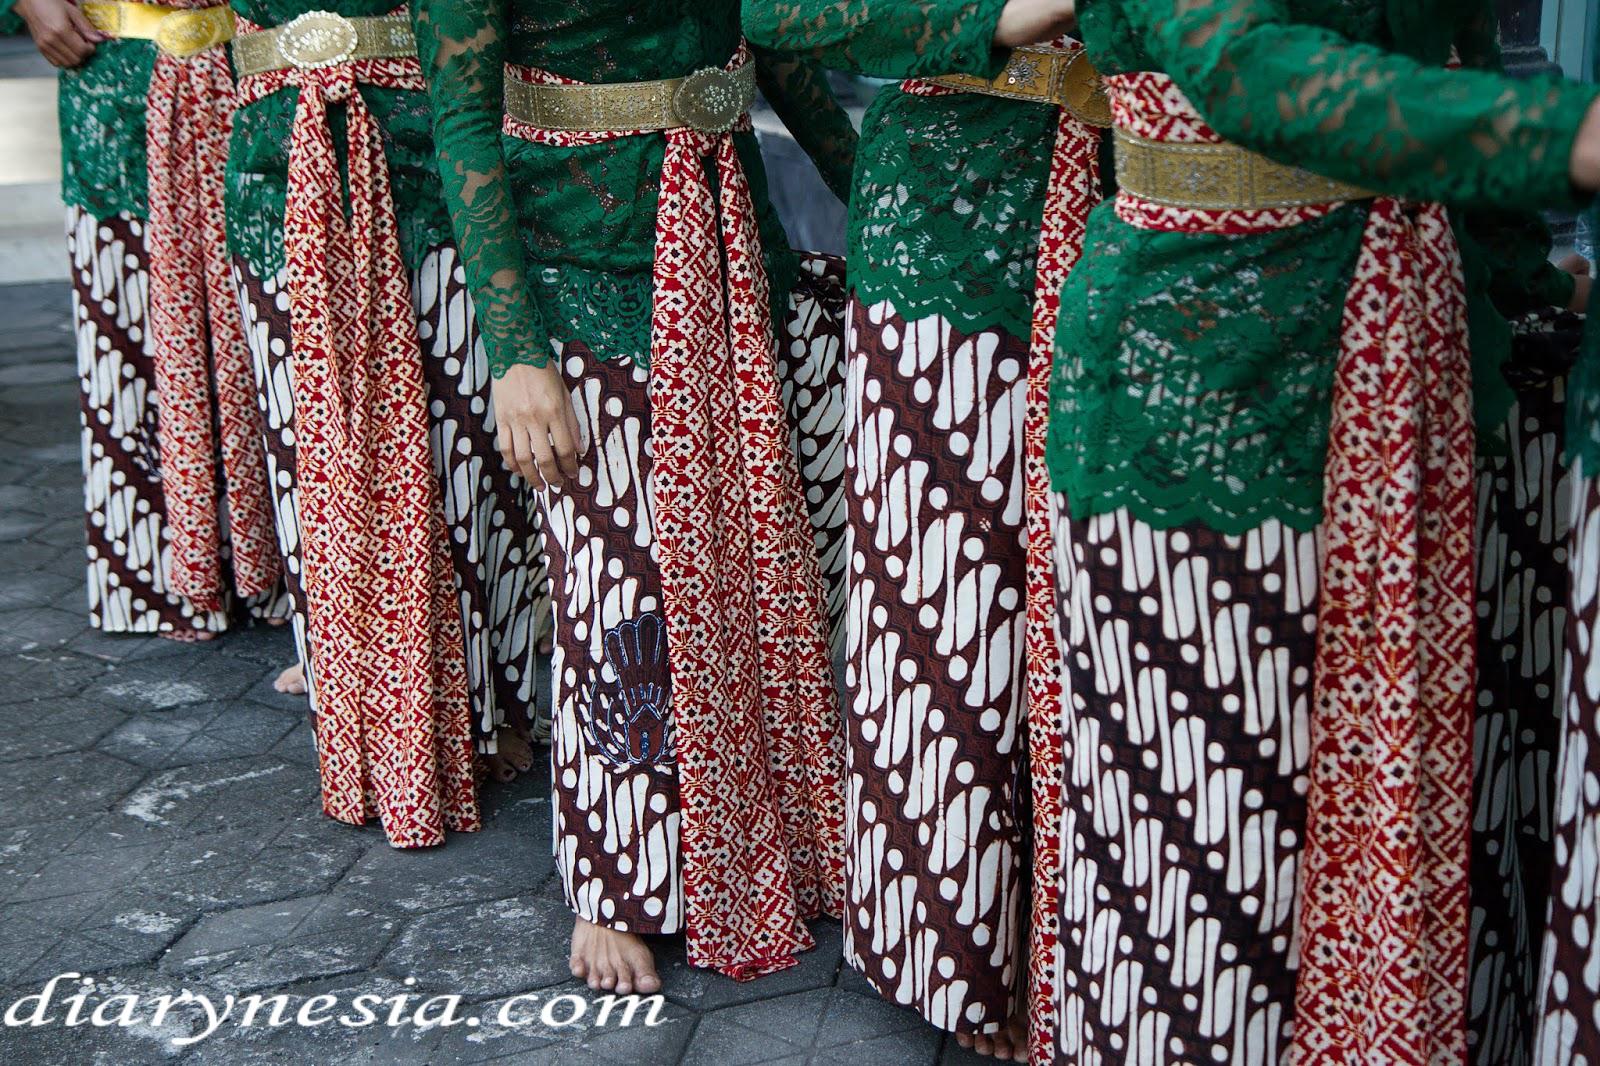 Indonesia Souvenir, Indonesia Gift, Batik fashion, diarynesia